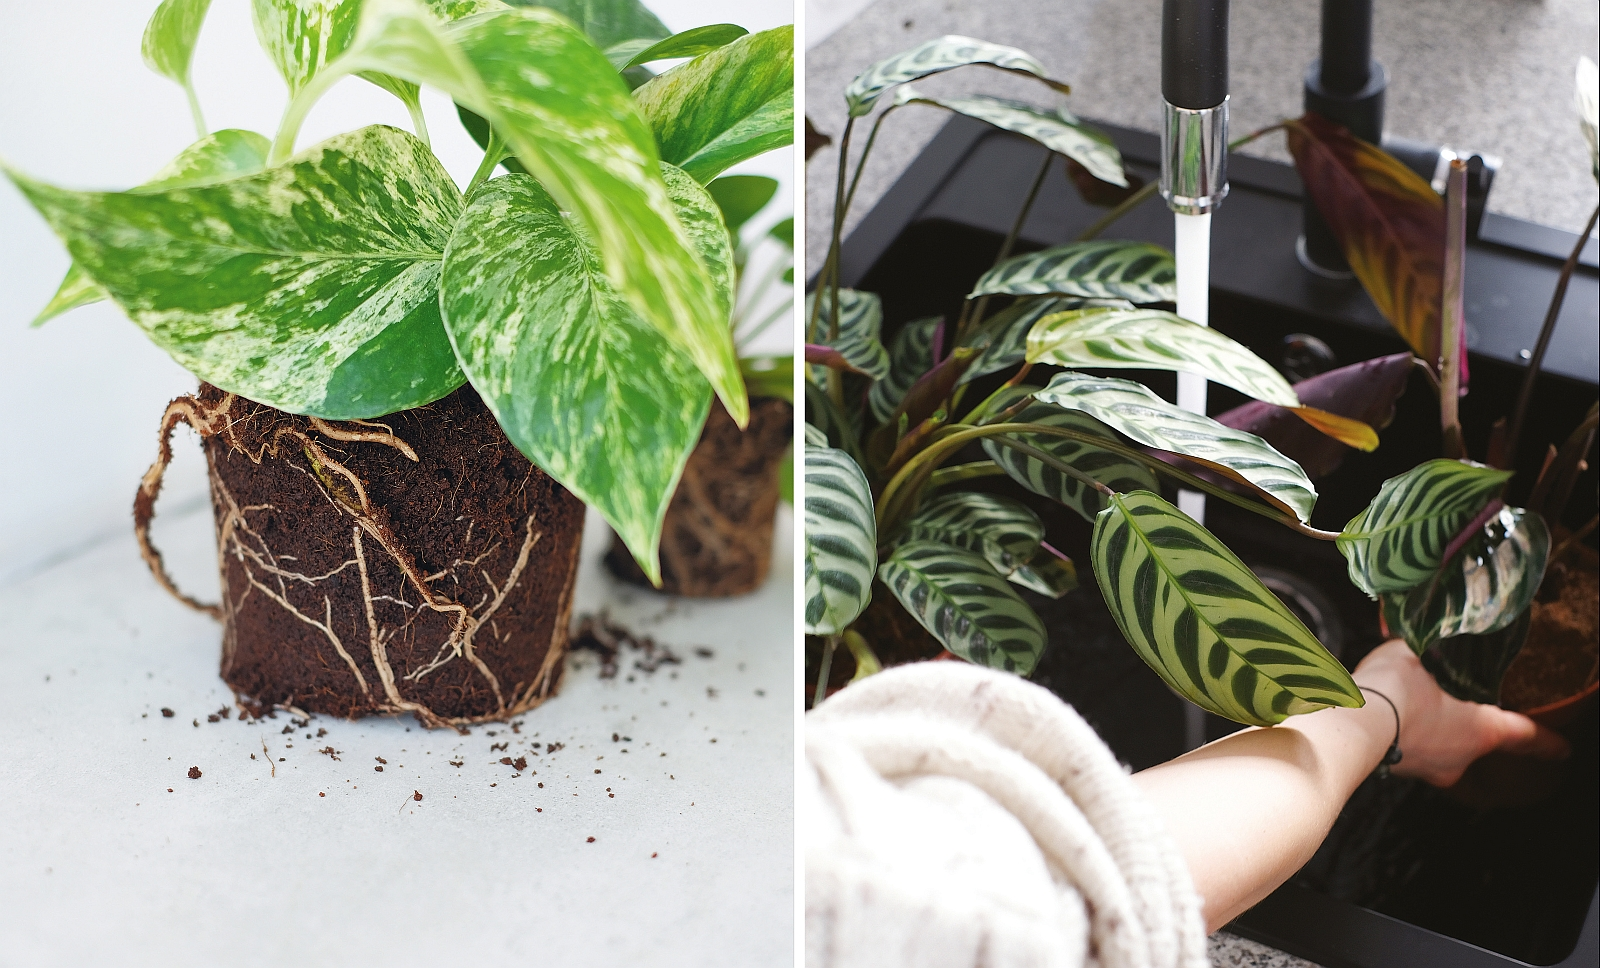 Lepiej przesuszyć niż przelać (fot. mat. prasowe z książki 'Projekt Rośliny / Weronika Muszkieta)